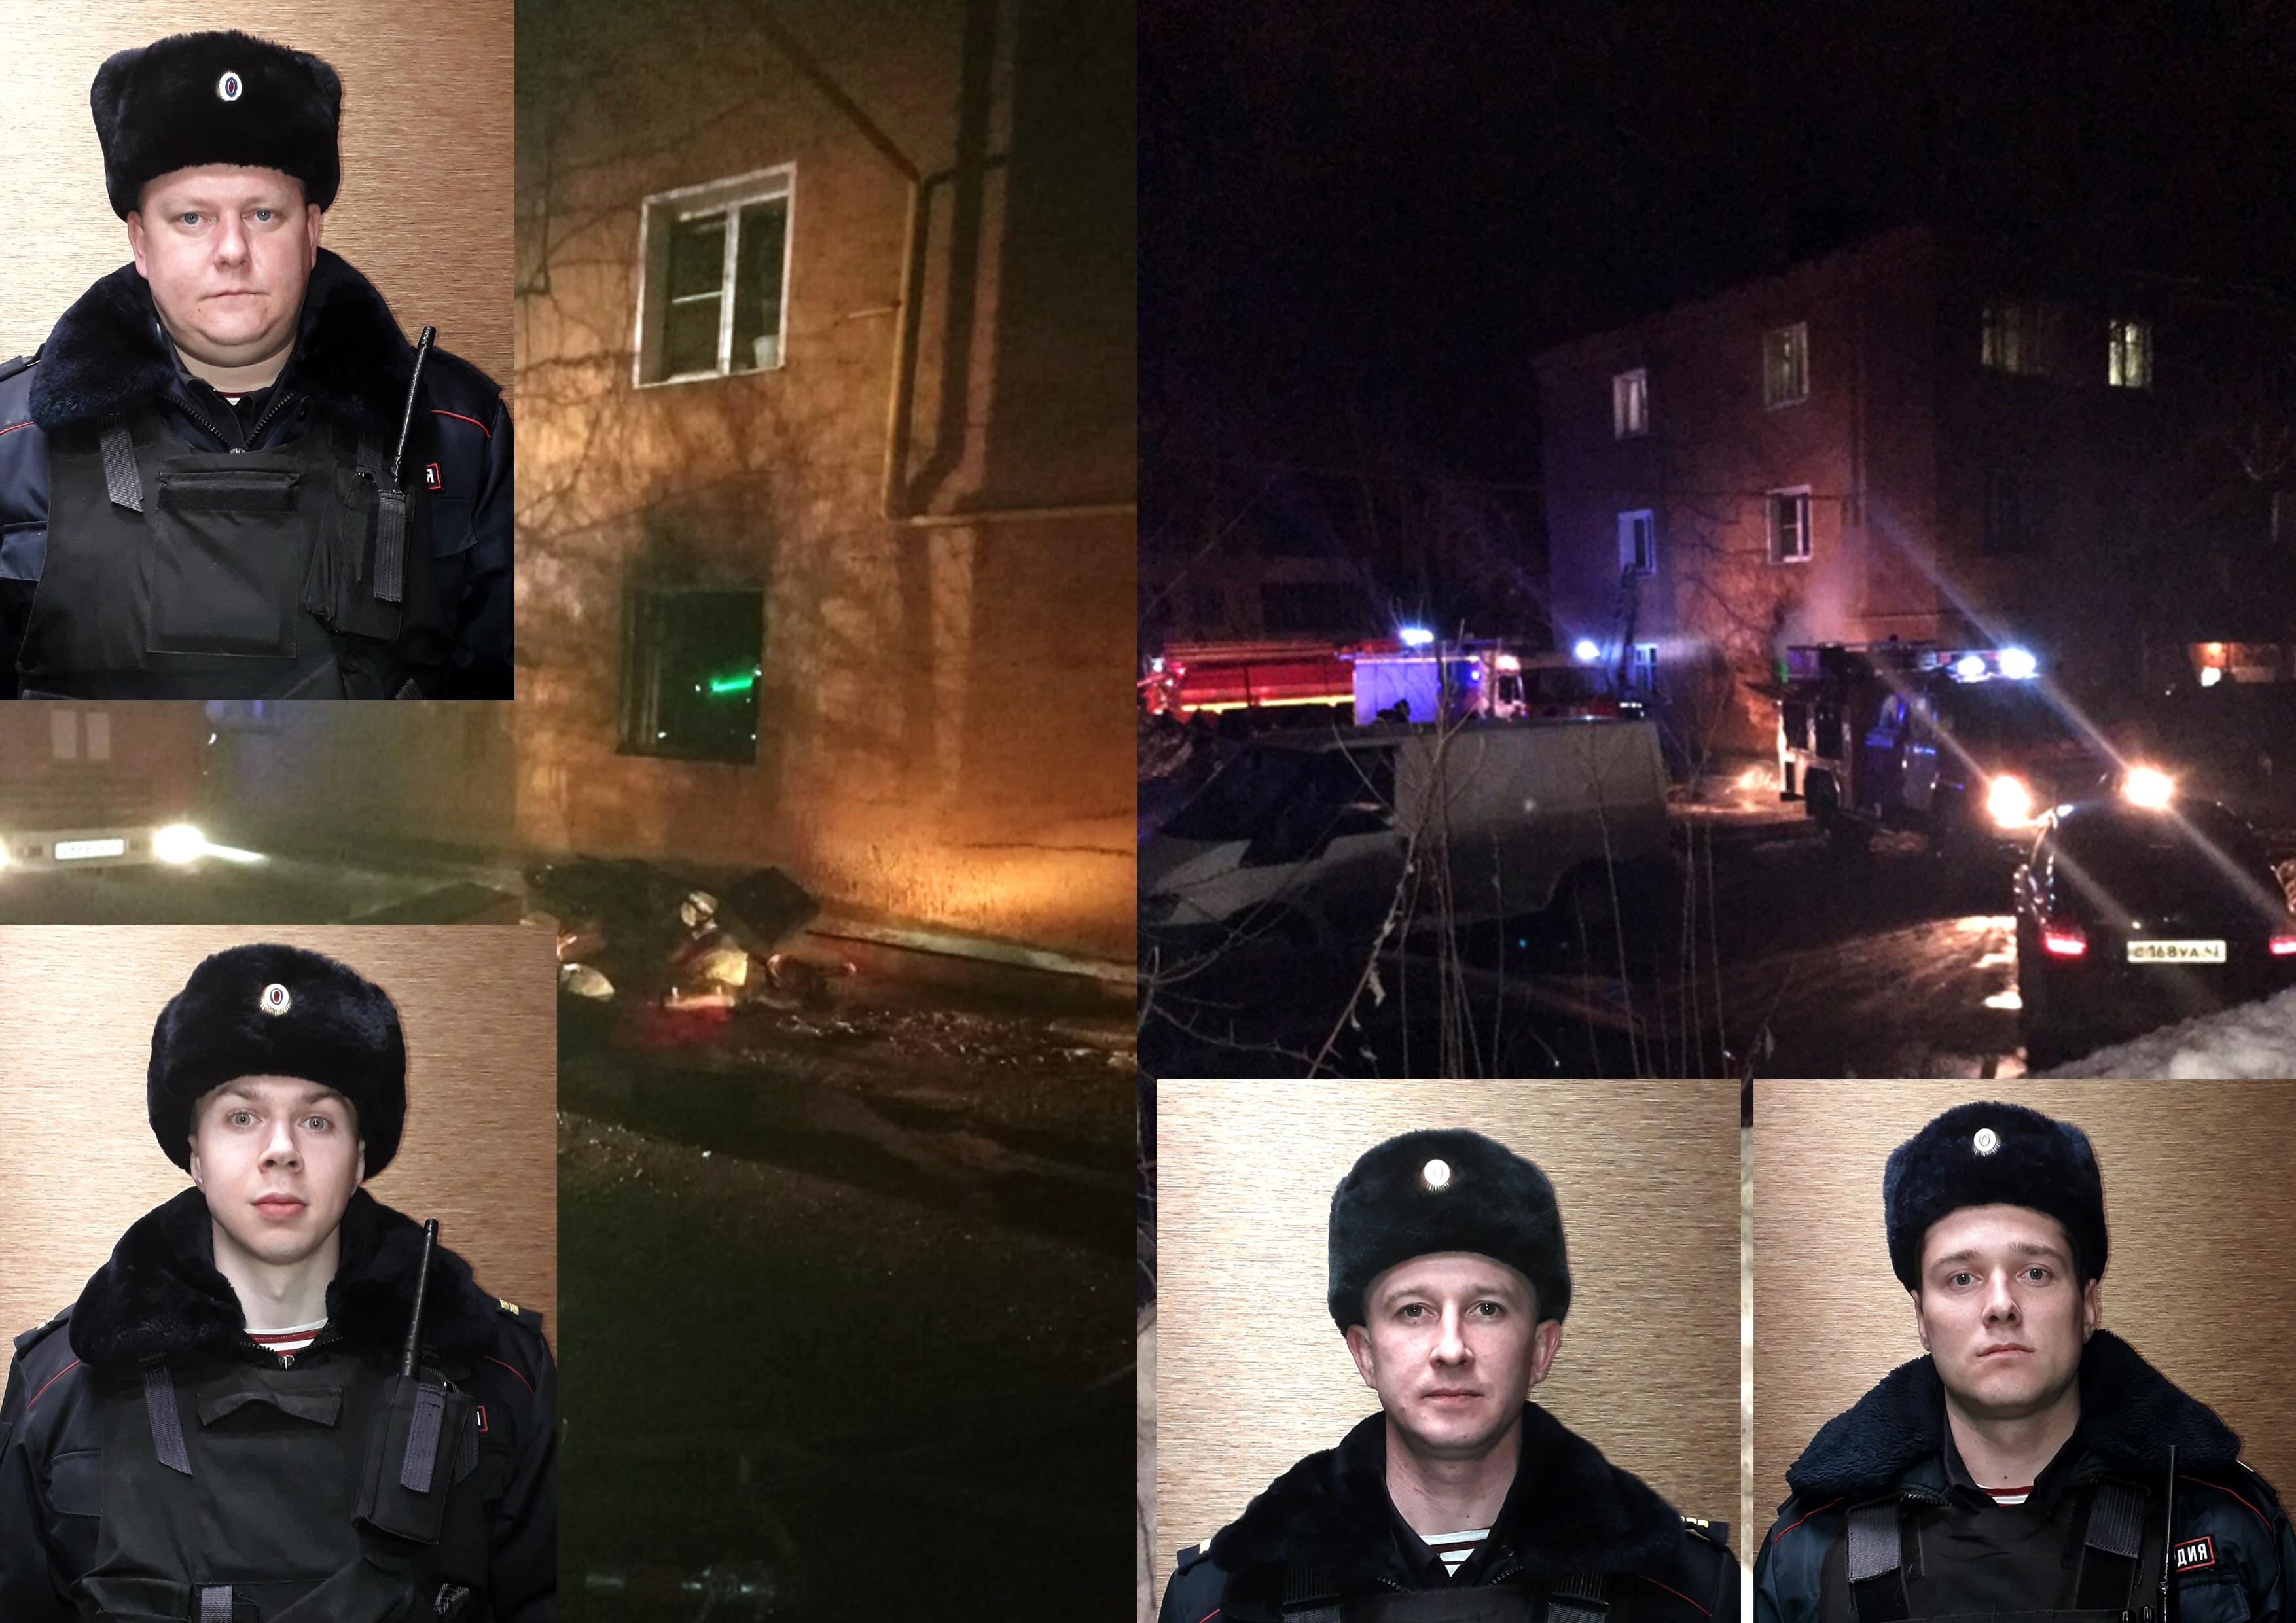 В Кирове сотрудники Росгвардии спасли из огня женщину с двумя детьми.